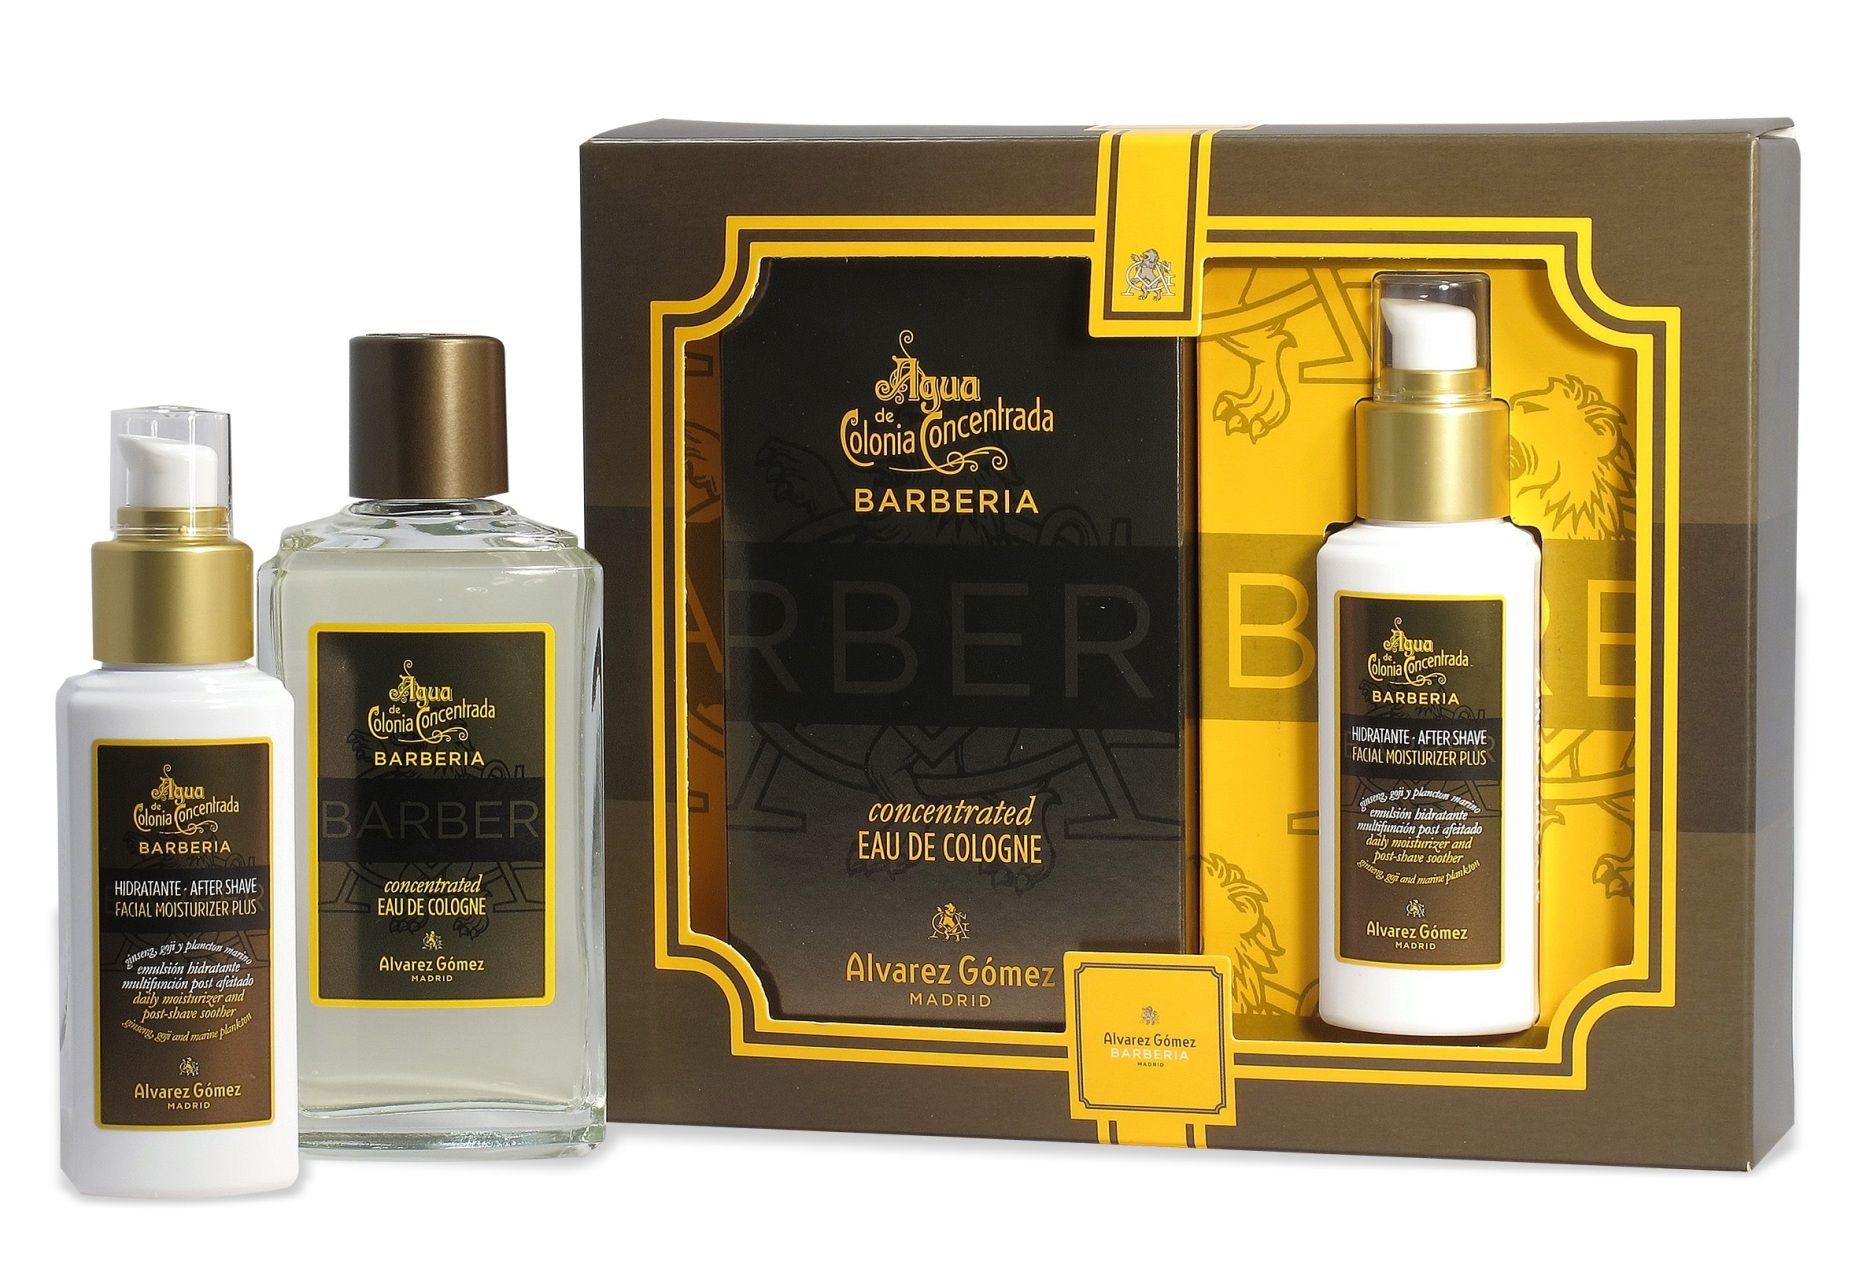 Barberia Eau De Toilette Gift Set By Alvarez Gomez For Men Con